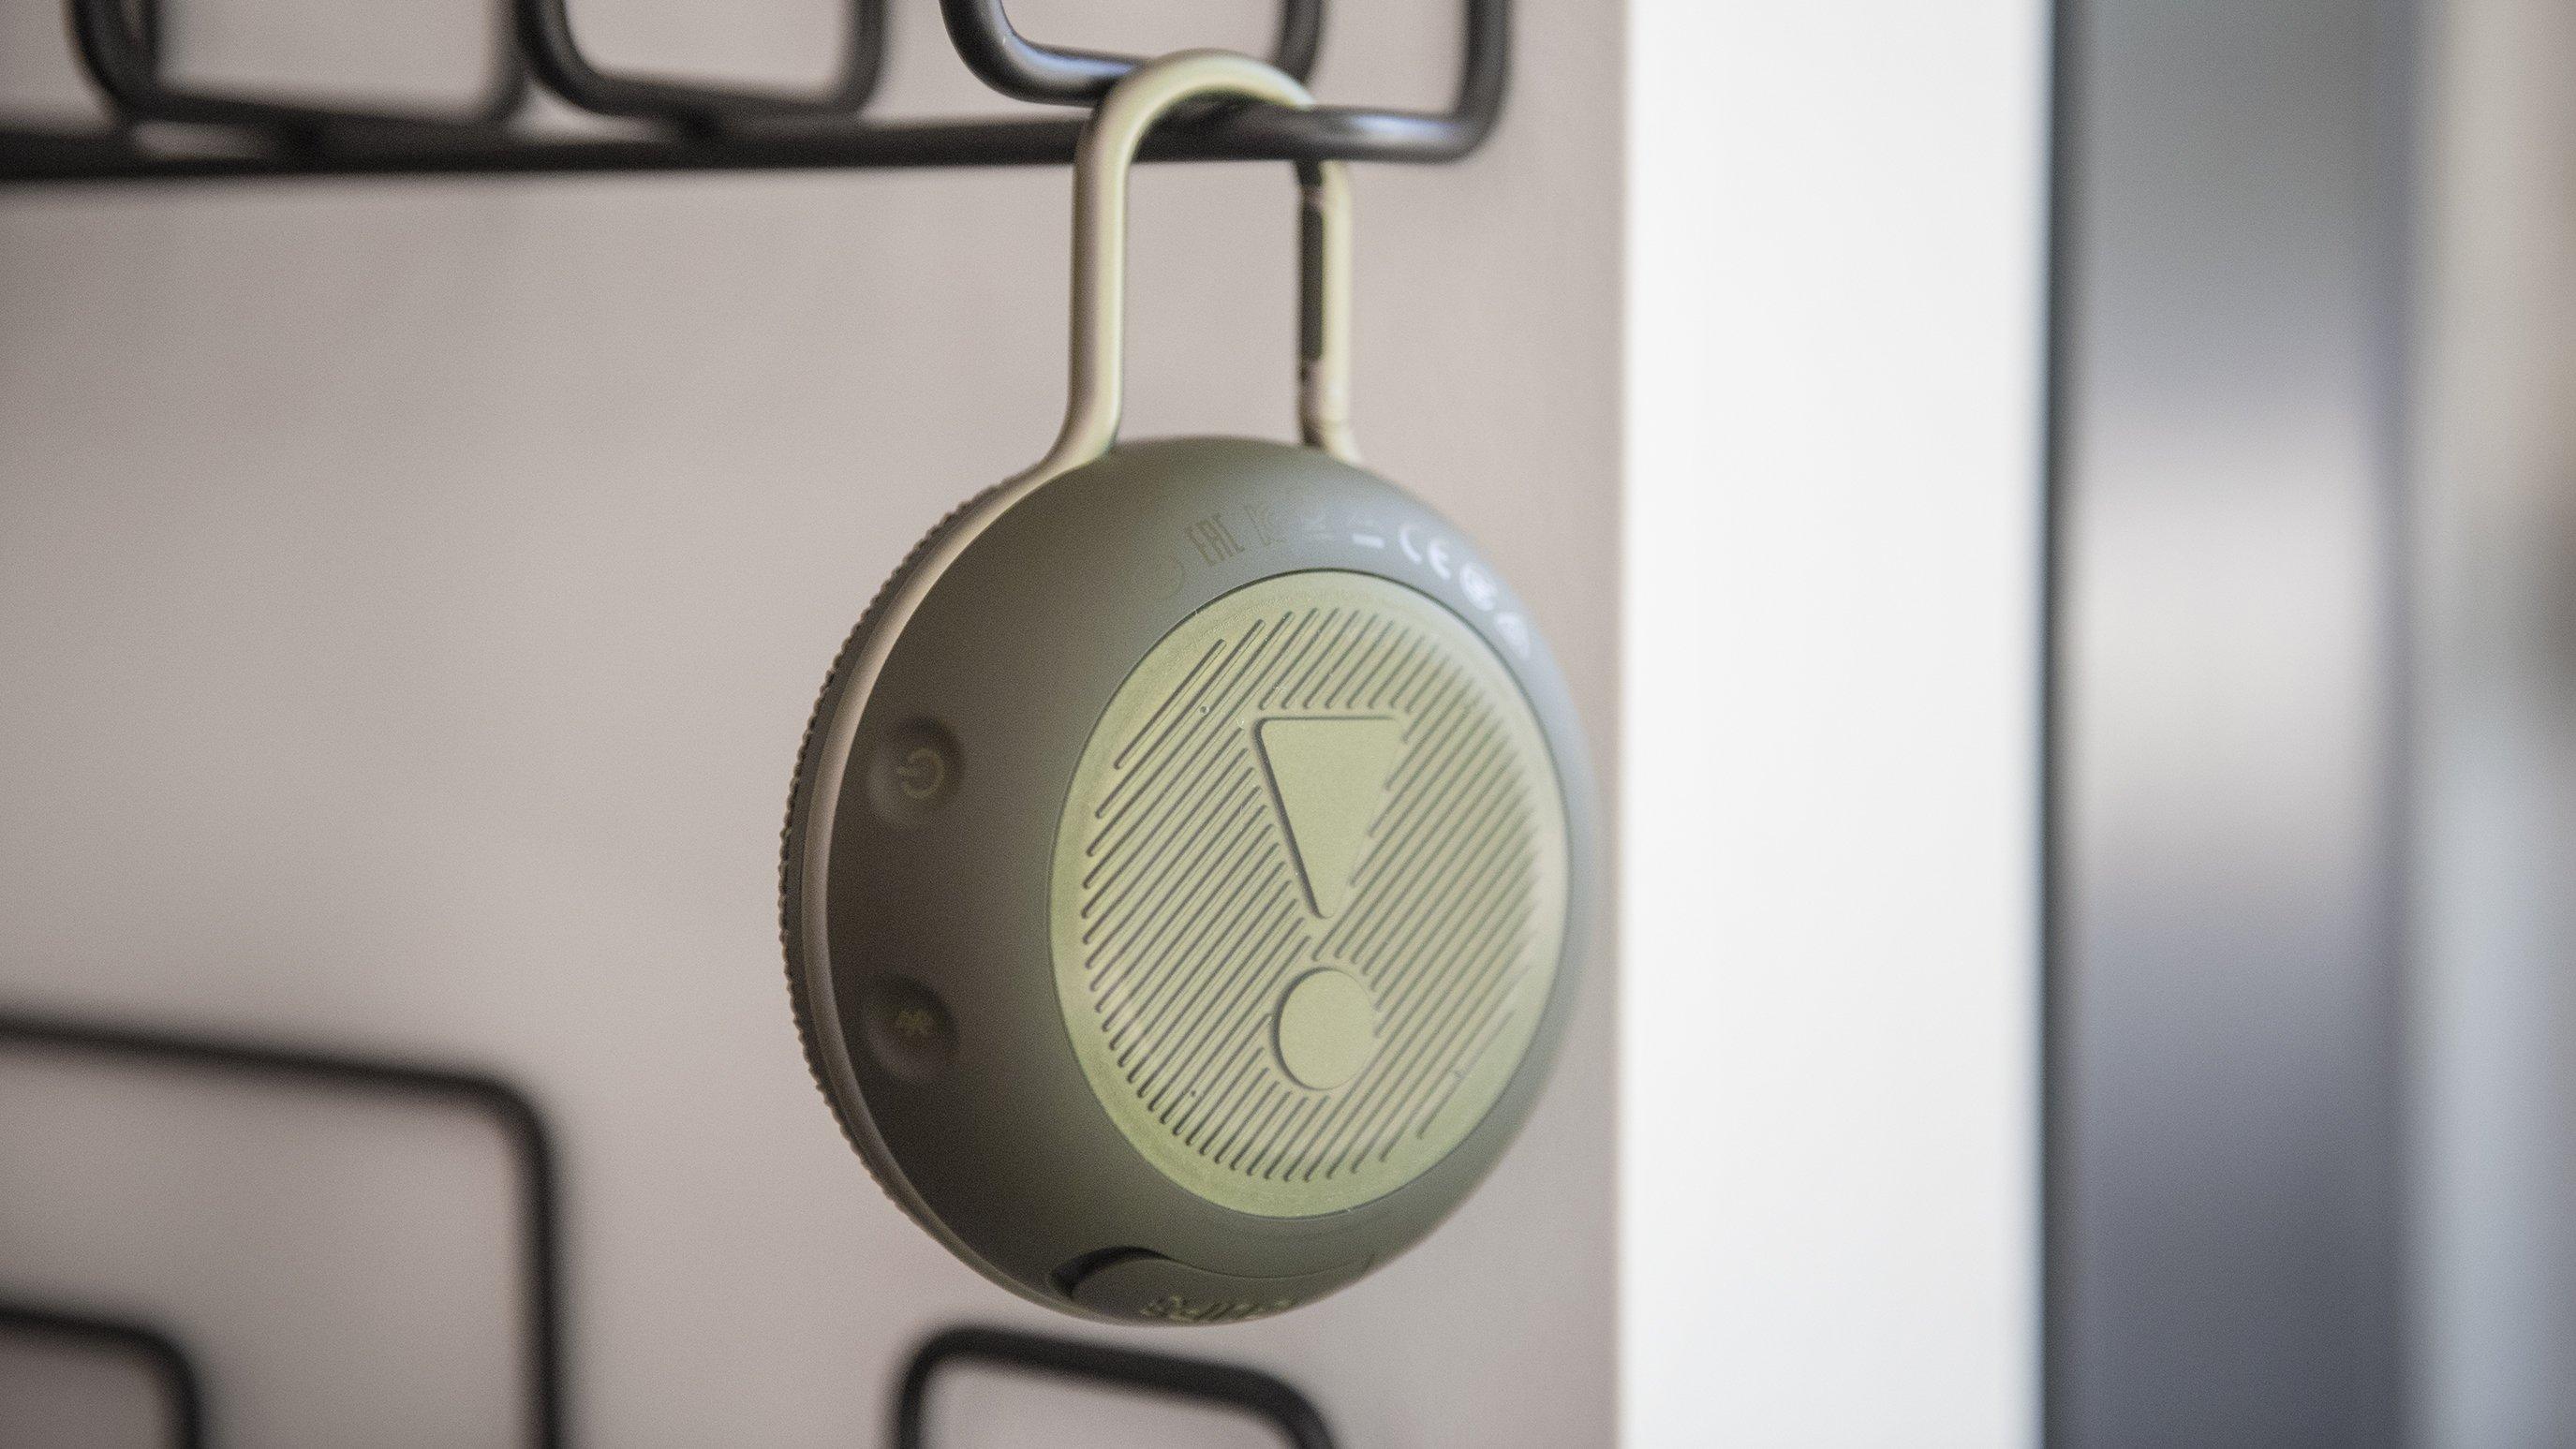 Sand JBL Clip 3 Portable Waterproof Wireless Bluetooth Speaker